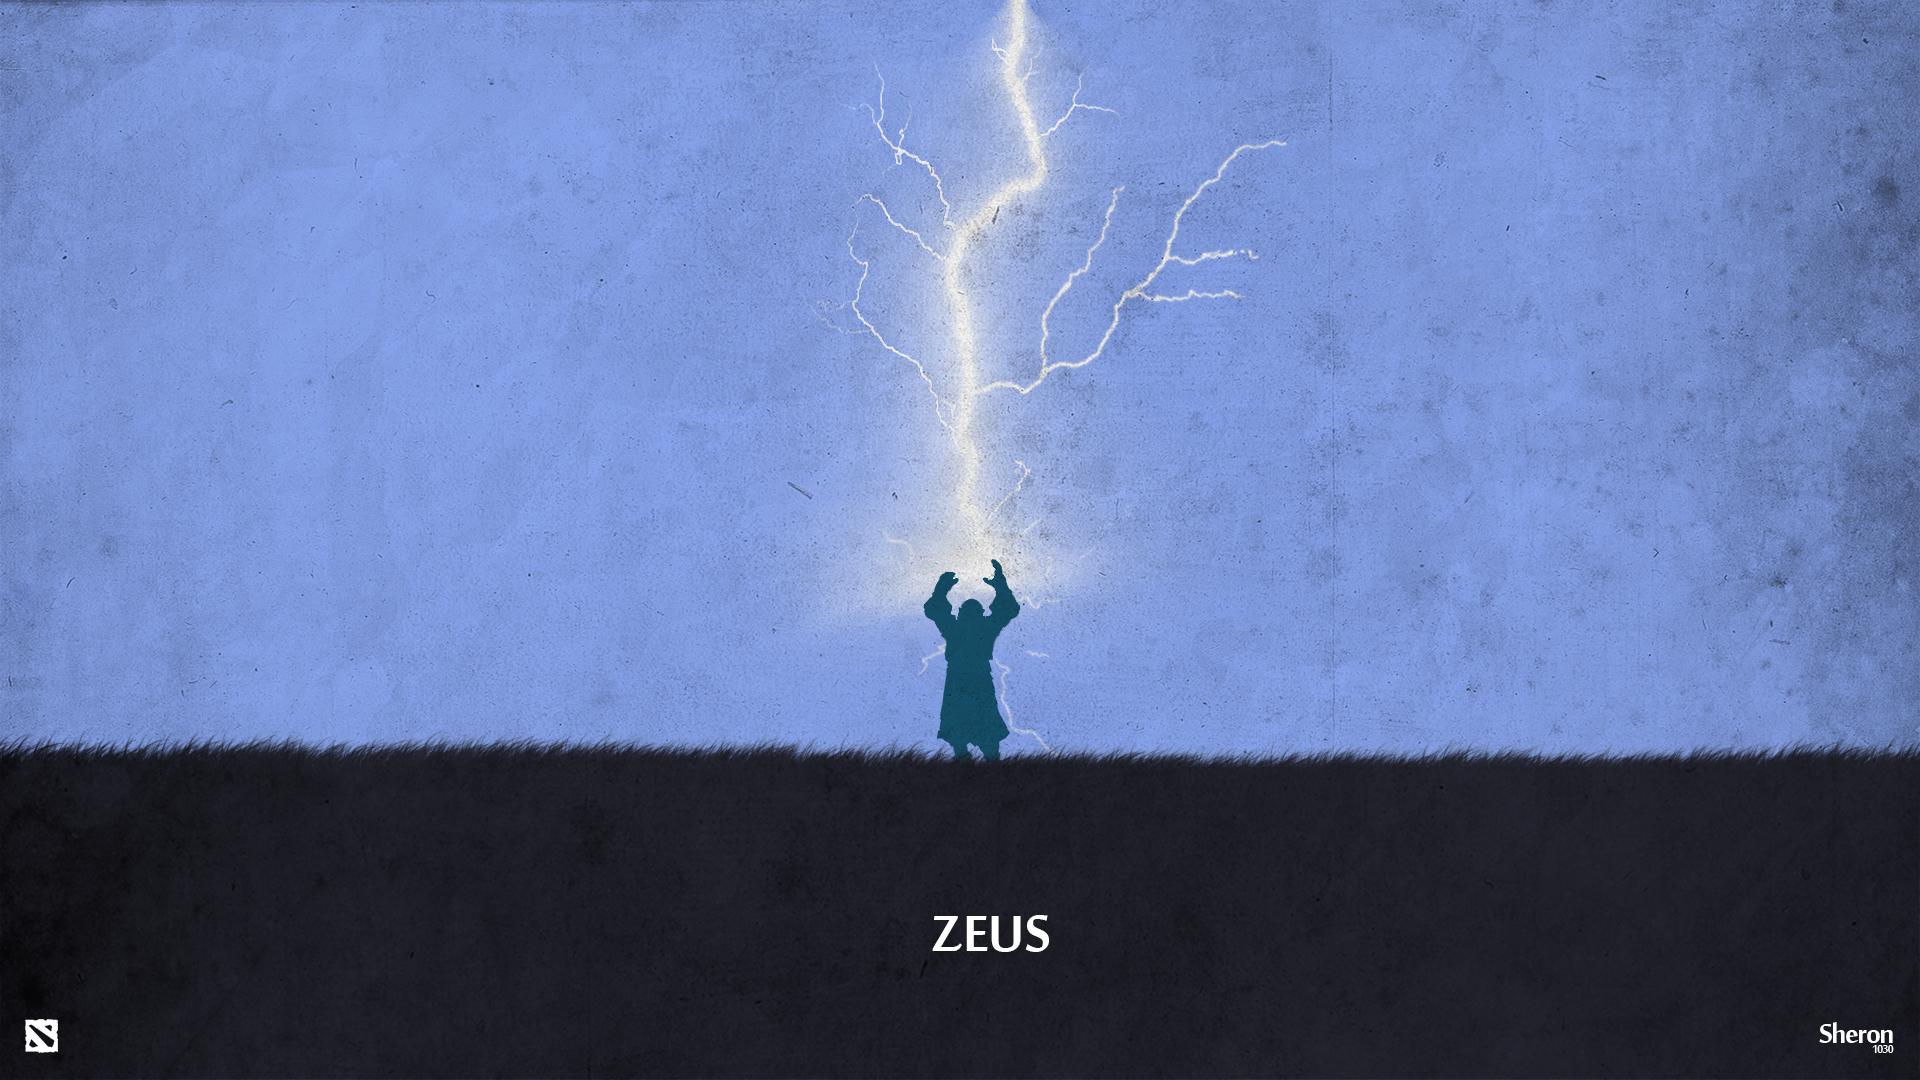 Download 87 Koleksi Wallpaper Hd Zeus HD Terbaru